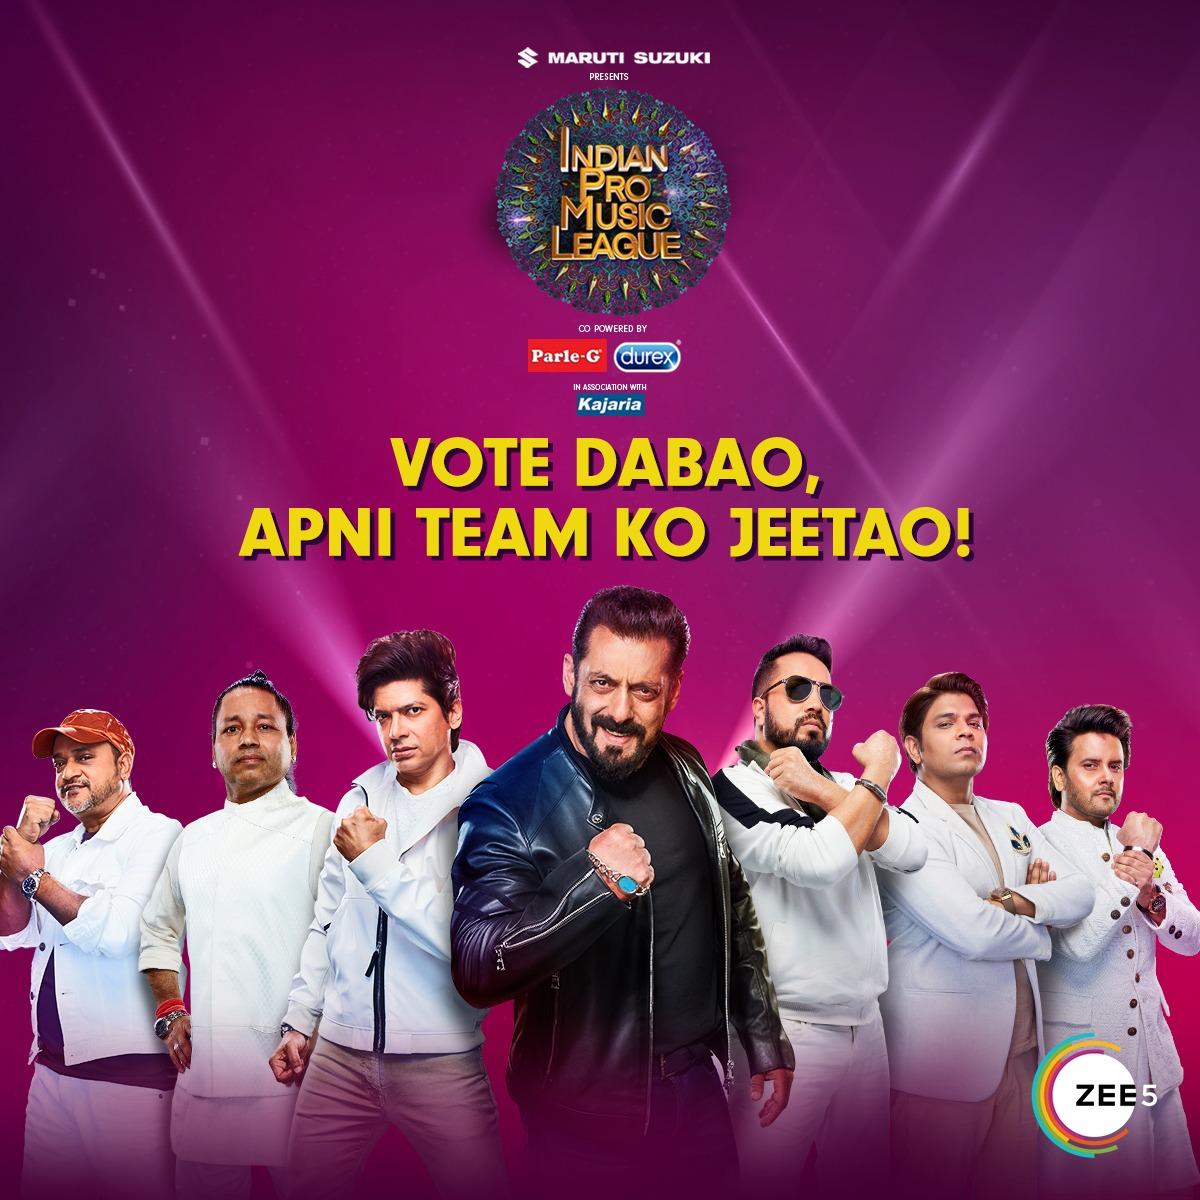 Aapko de rahe hai mauka apne favourite team ki nauka aage badhane ka. 🎶 Vote and win with your favourite team aur naara lagao #MusicUnchaRaheHamara. Watch #IndianProMusicLeague today on #ZEE5.  Vote: